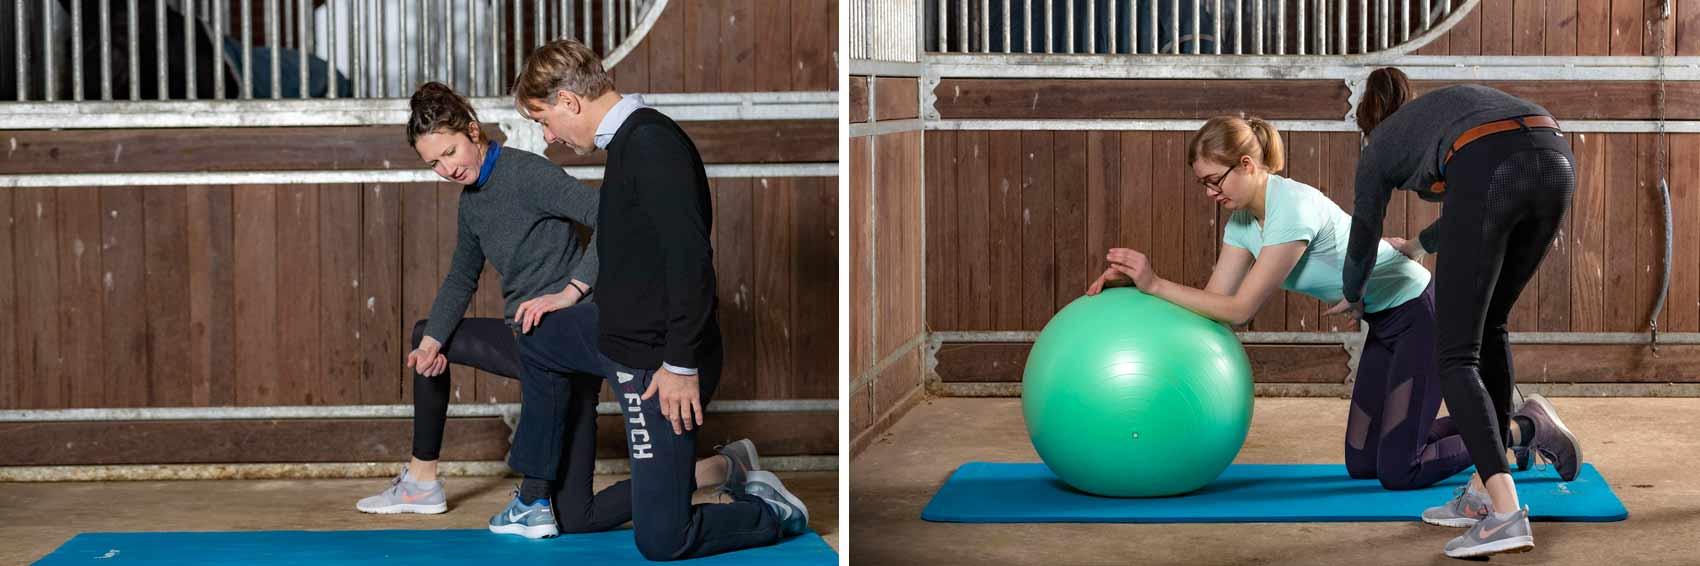 Funktionelles Bewegungstraining für Reiter, Beispielübungen in der Stallgasse